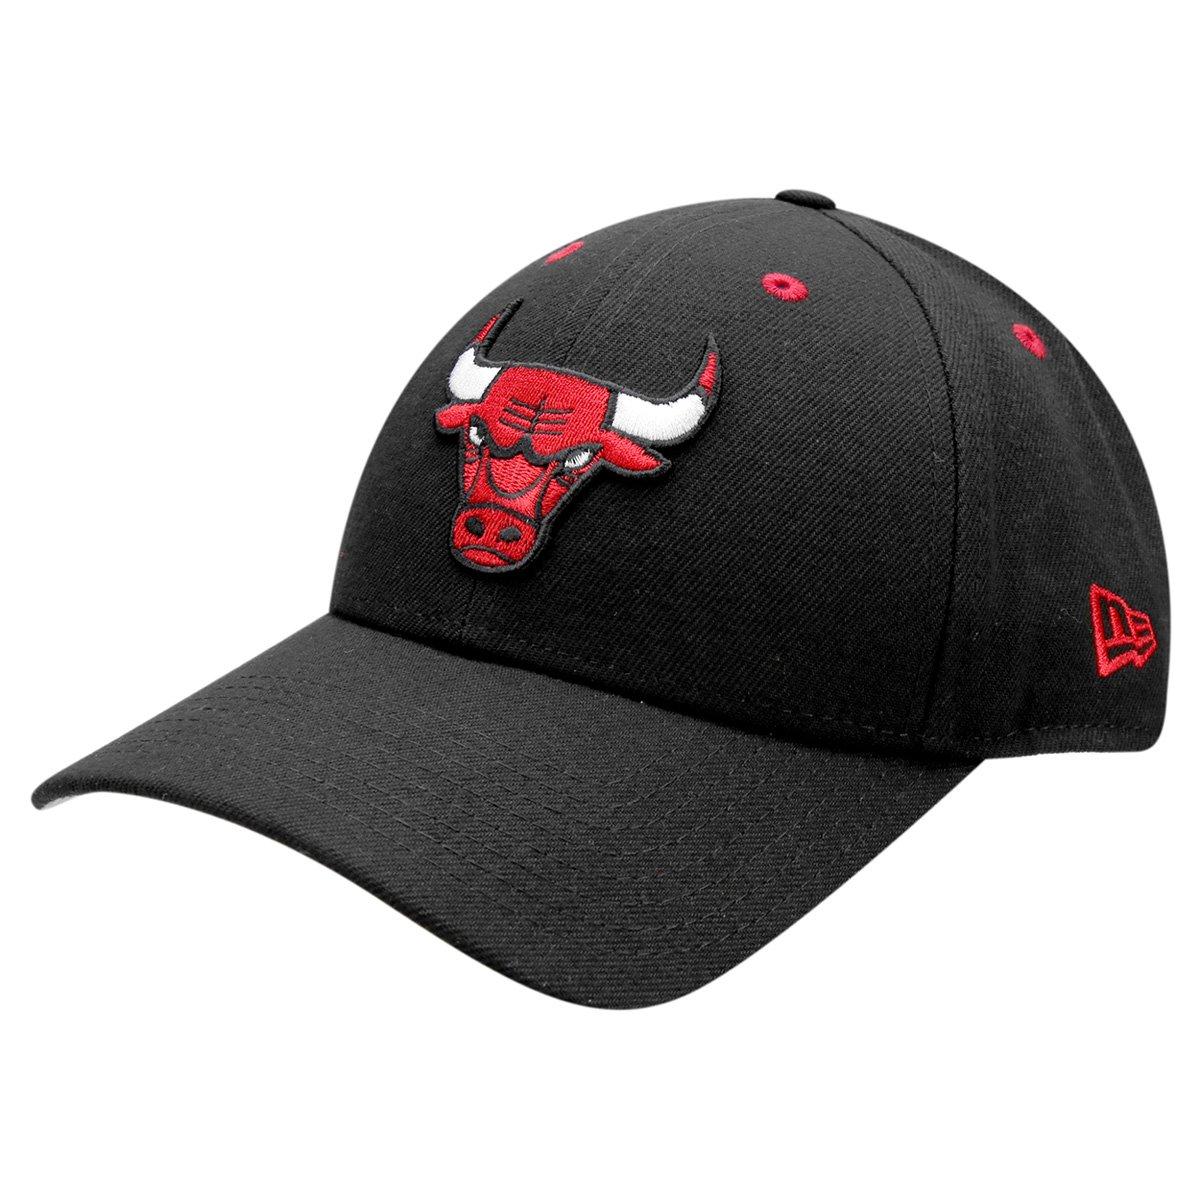 Boné New Era NBA 940 Hc Sn Official Chicago Bulls - Compre Agora ... 6bb881c3ae4